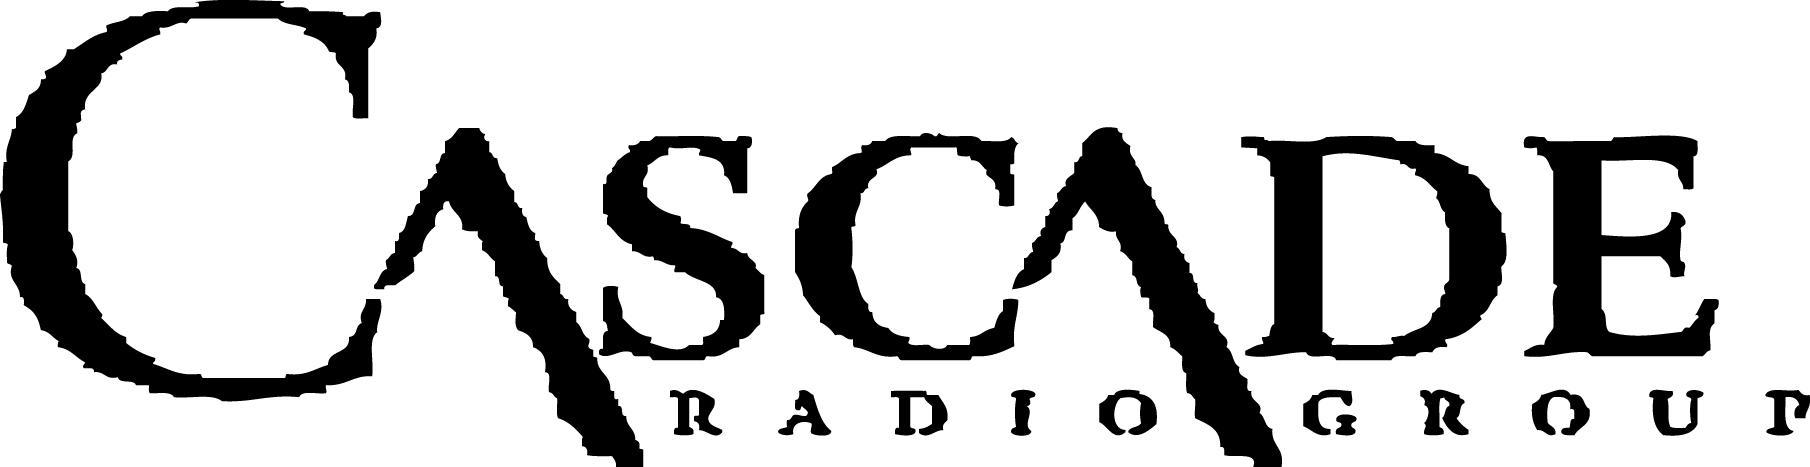 CRG Logo hi-res